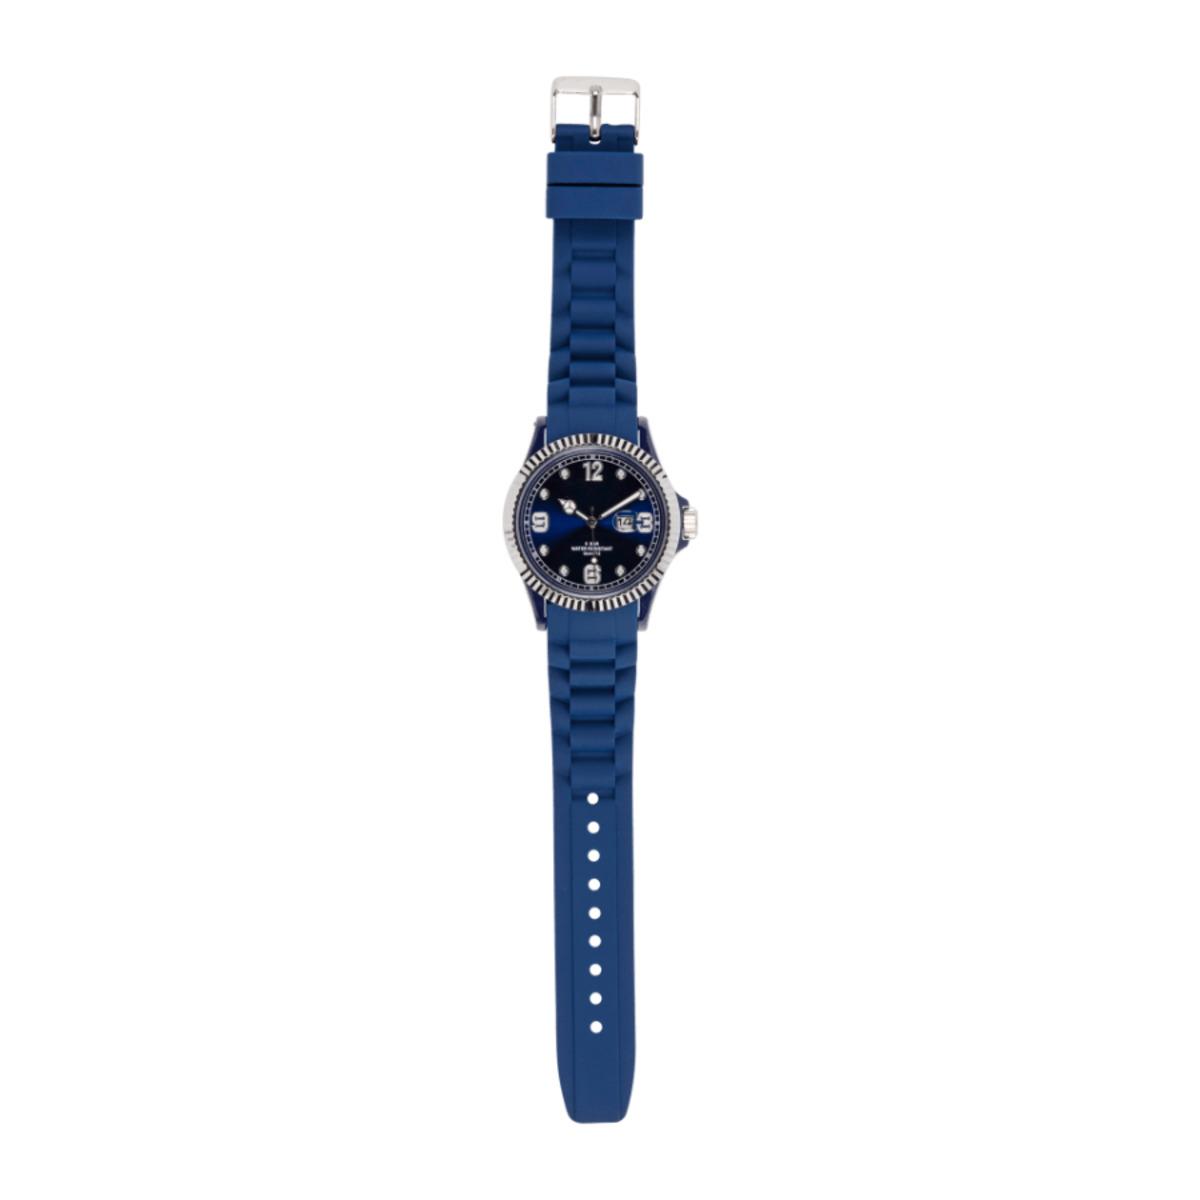 Bild 5 von KRONTALER     Colour Watch